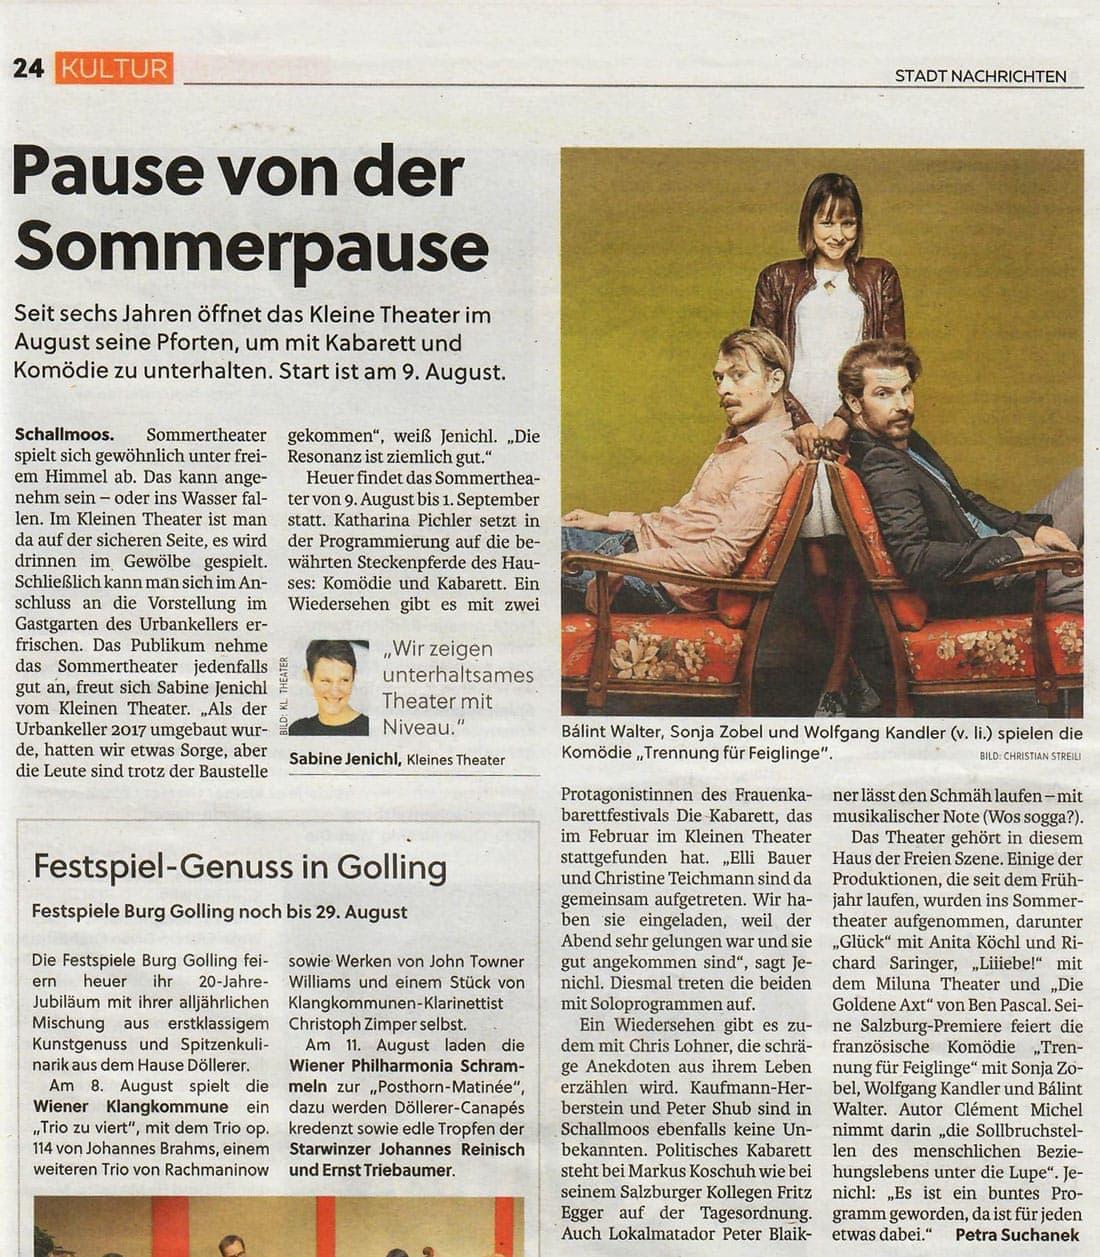 20190808 BER Sommertheater StadtNachrichten1 - Pause von der Sommerpause - Stadt Nachrichten vom 08.08.2019